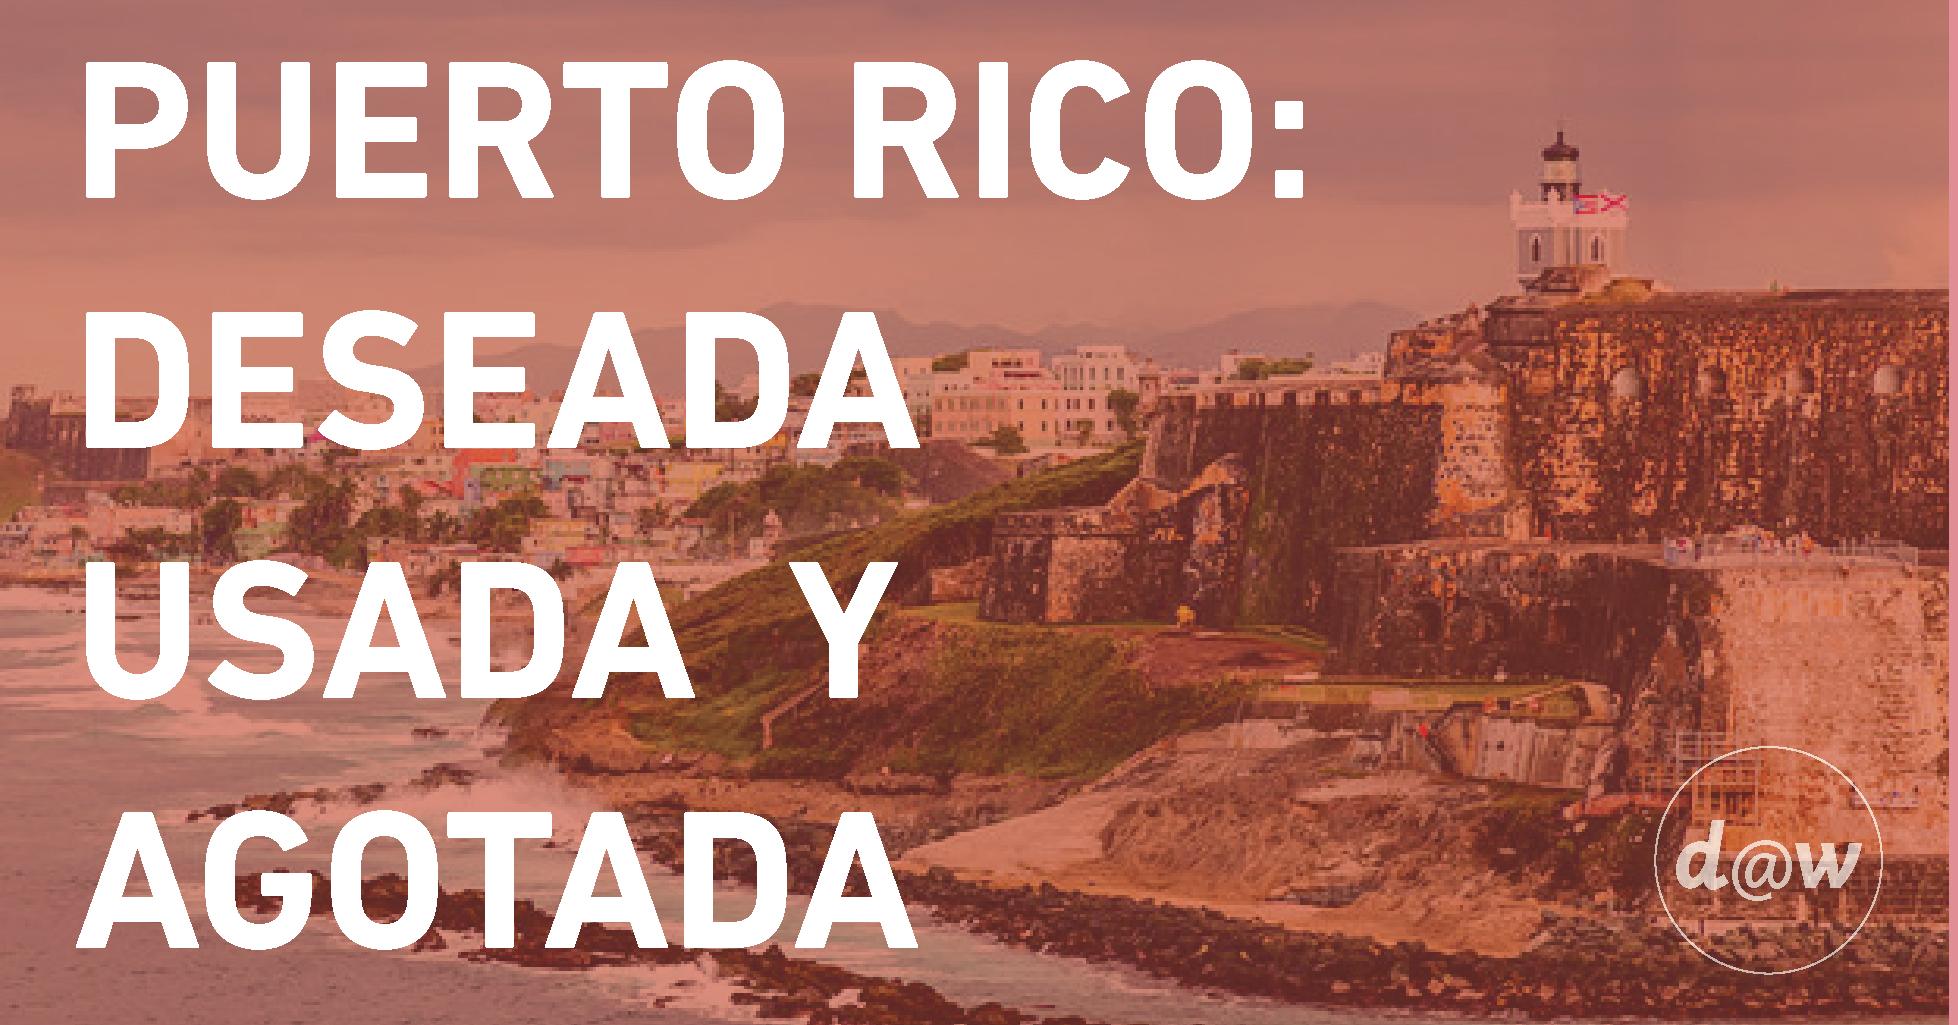 Puerto Rico: Deseada Usada y Agotada